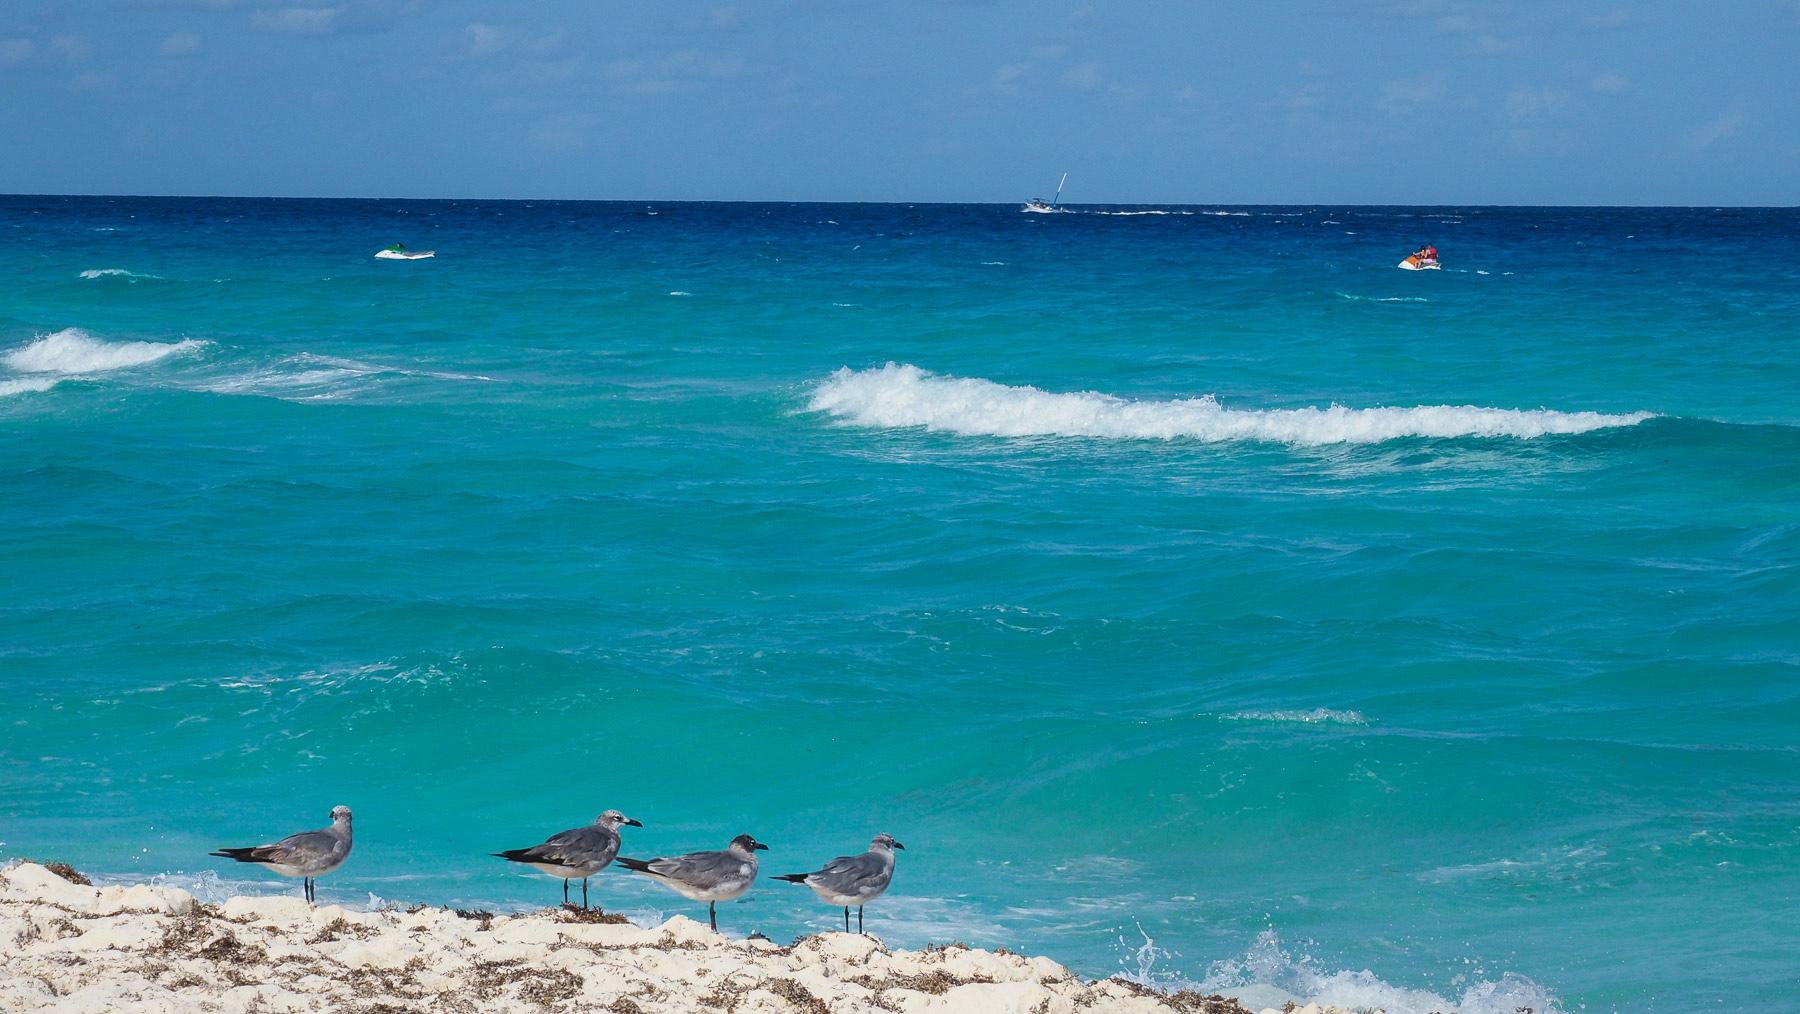 Das Meer in Yukatan ist unglaublich blau und türkis!